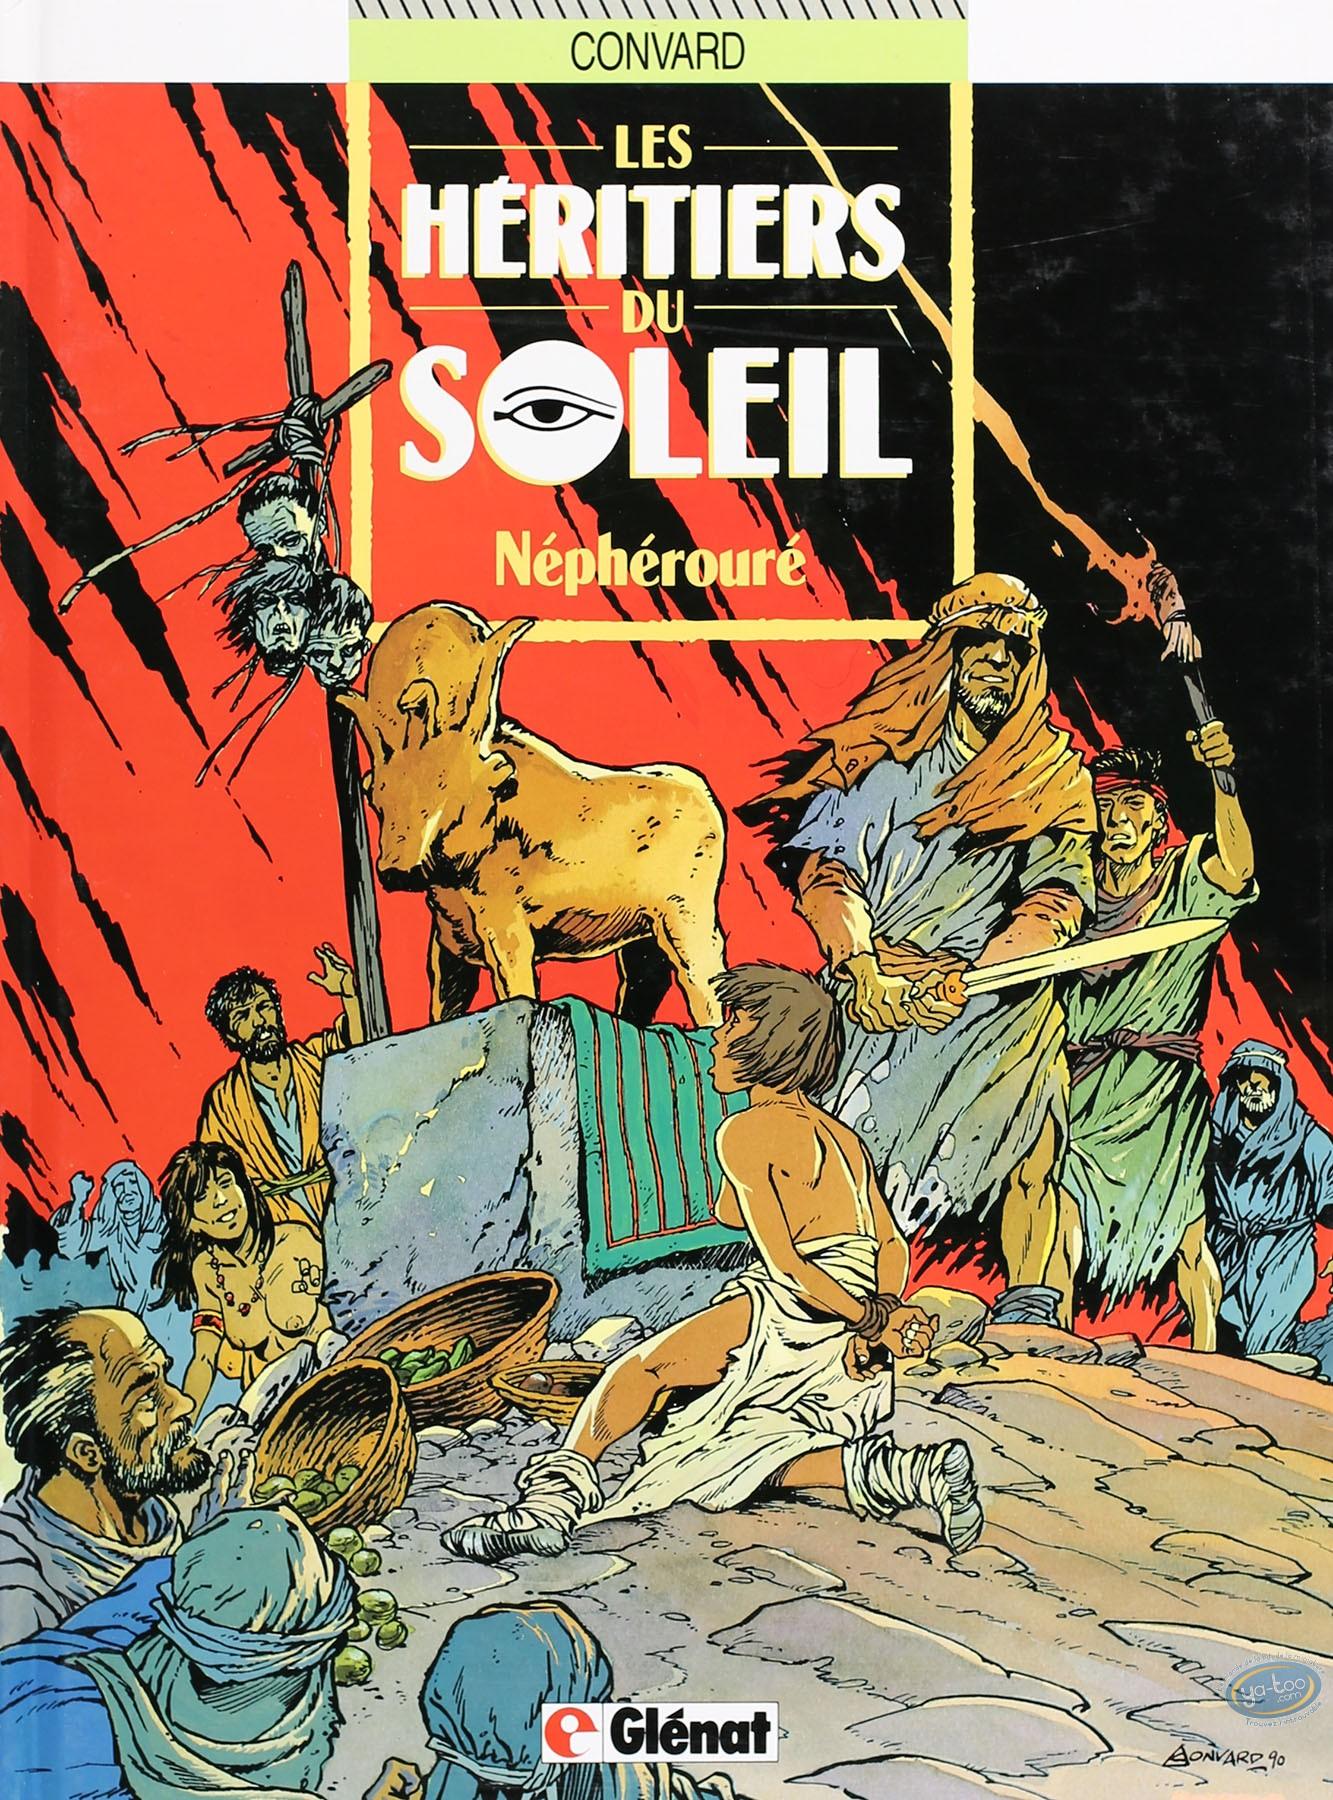 Listed European Comic Books, Héritiers du Soleil (Les) : Néphérouré